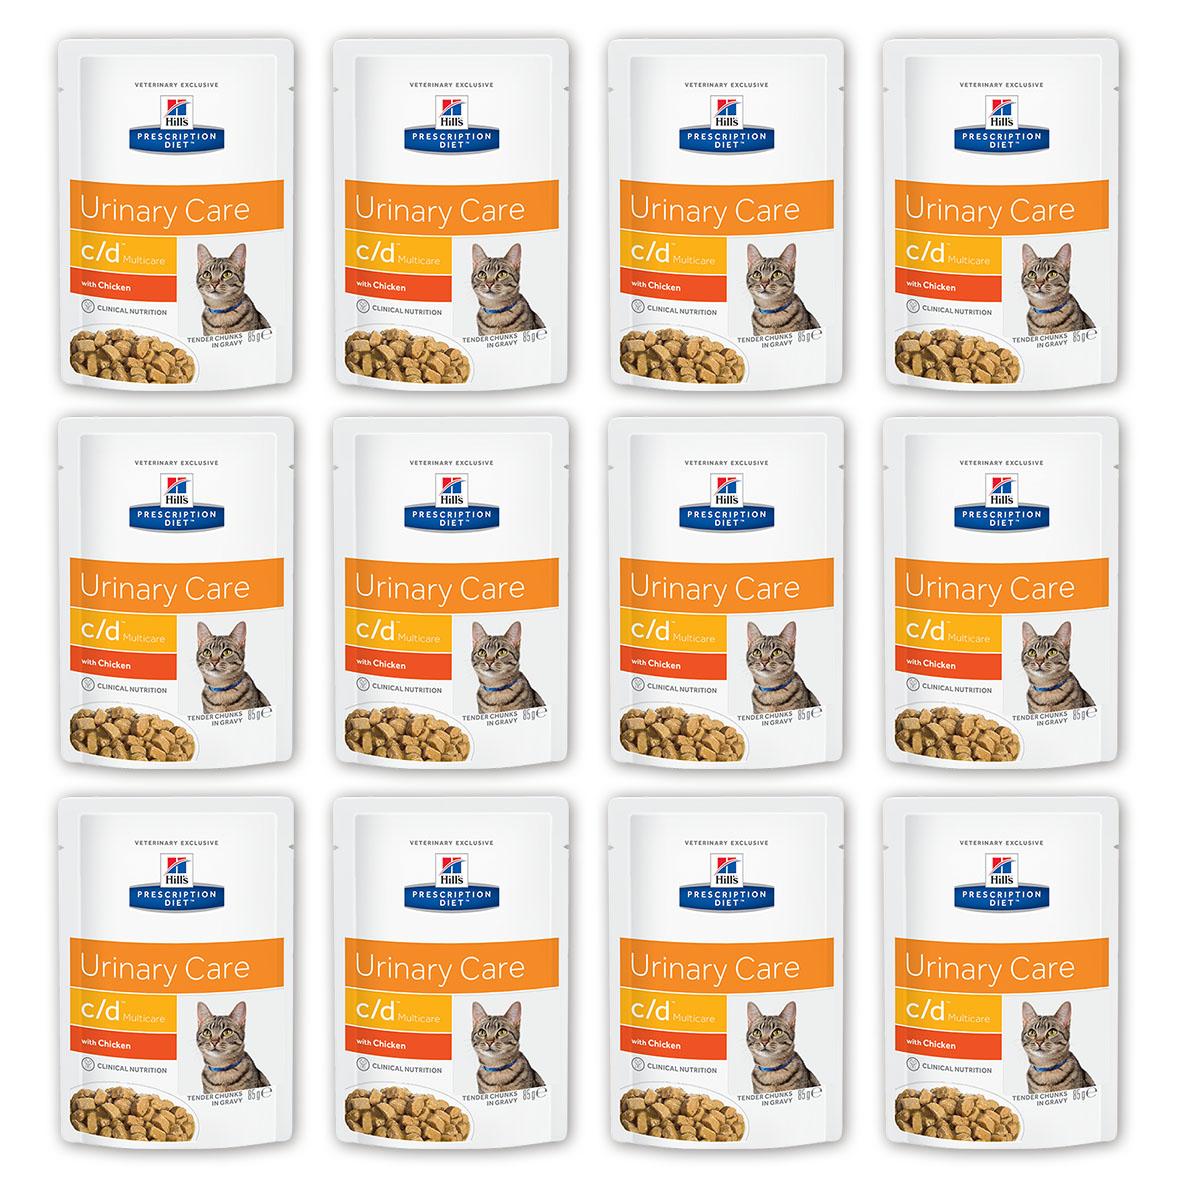 Консервы для кошек Hills Prescription Diet. C/D, для профилактики мочекаменной болезни, с курицей, 85 г, 12 шт3406_12Консервы для кошек Hills Prescription Diet. C/D рекомендуются на начальном этапе у кошек с любым типом заболеваний нижних отделов мочевыводящих путей, в том числе кристаллурией и/или уролитиазом любого генеза, уретральными пробками и идиопатическим циститом кошек. Подходят для долговременного использования для кошек, склонных к: - образованию струвитных кристаллов и уролитов, кристаллов и уролитов кальция оксалата и кальция фосфата (снижение появления и частоты рецидивов); - формированию уретральных пробок (почти всегда вызванных кристаллами струвита или кальция фосфата); - идиопатическому циститу (в этом случае особенно рекомендуется к применению консервированный рацион или пауч Hills Prescription Diet c/d Multicare Feline). Не рекомендуется: - Котятам. - Беременным и кормящим кошкам. - Кошкам, получающим вещества, закисляющие мочу. Дополнительная информация: - Клинически доказано: растворяет струвиты...